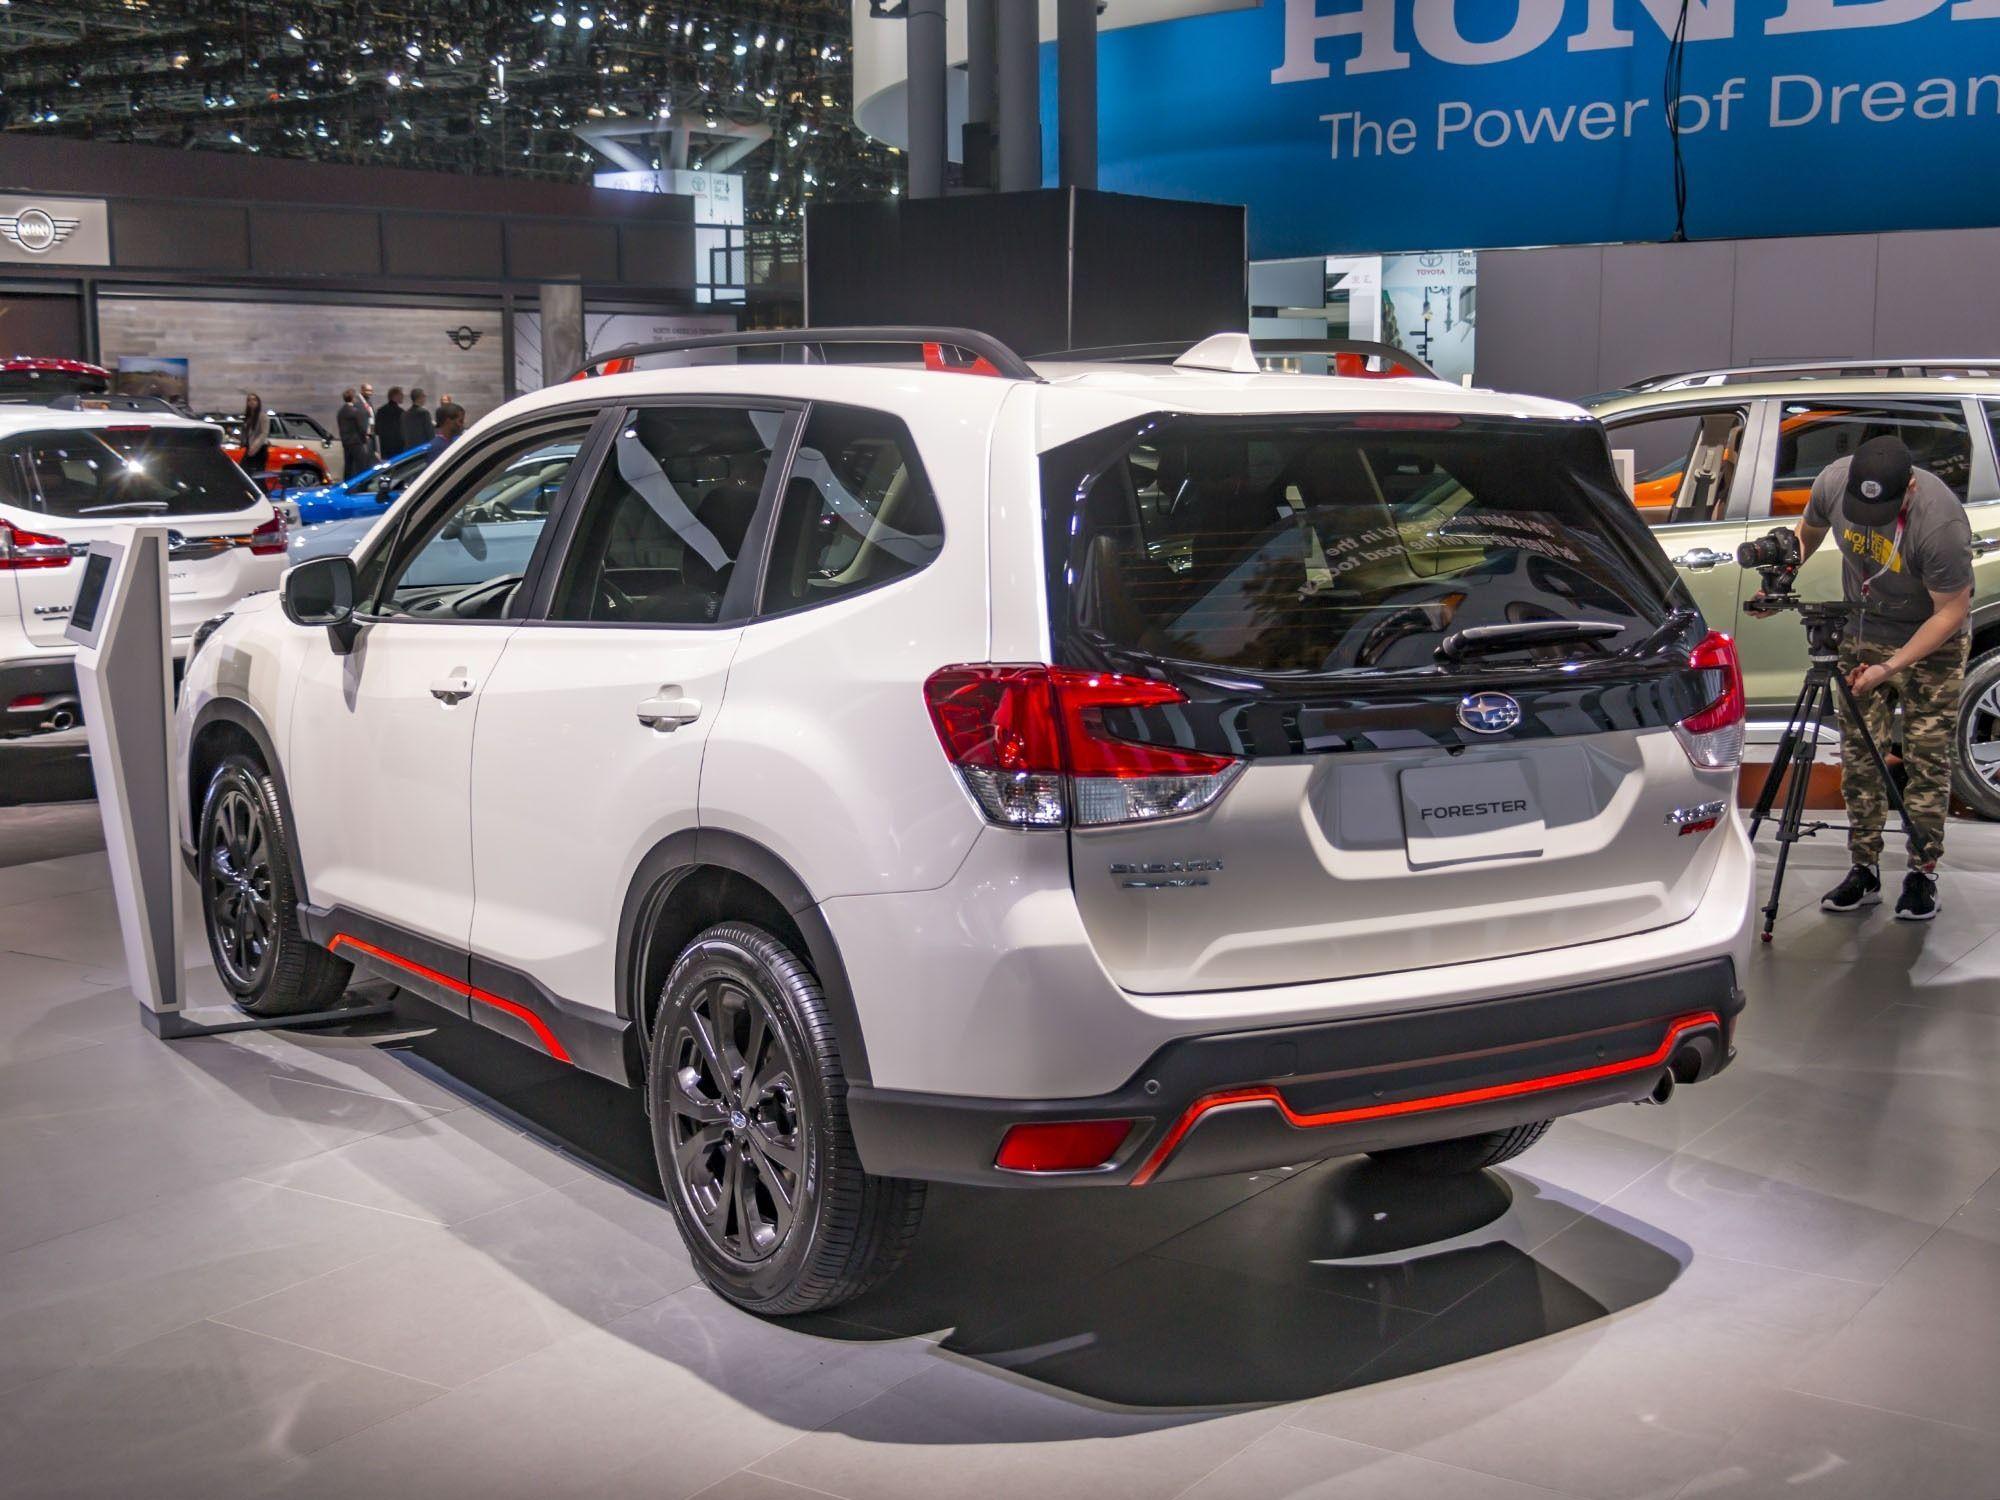 2019 Subaru Sports Exterior And Interior Review Car Review 2018 Subaru Forester Subaru Sport Subaru Xt